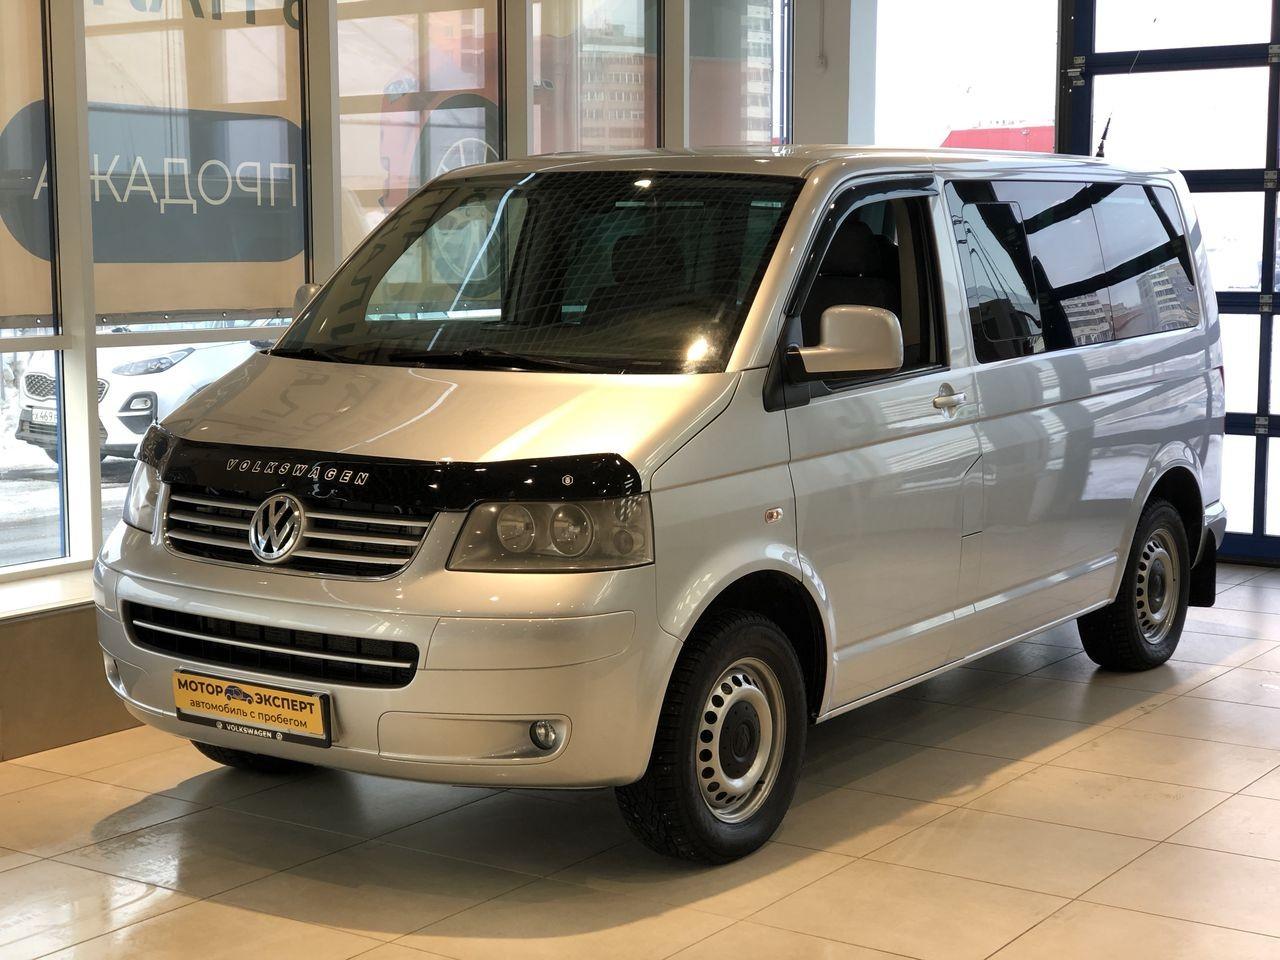 Volkswagen Caravelle 2003 - 2009